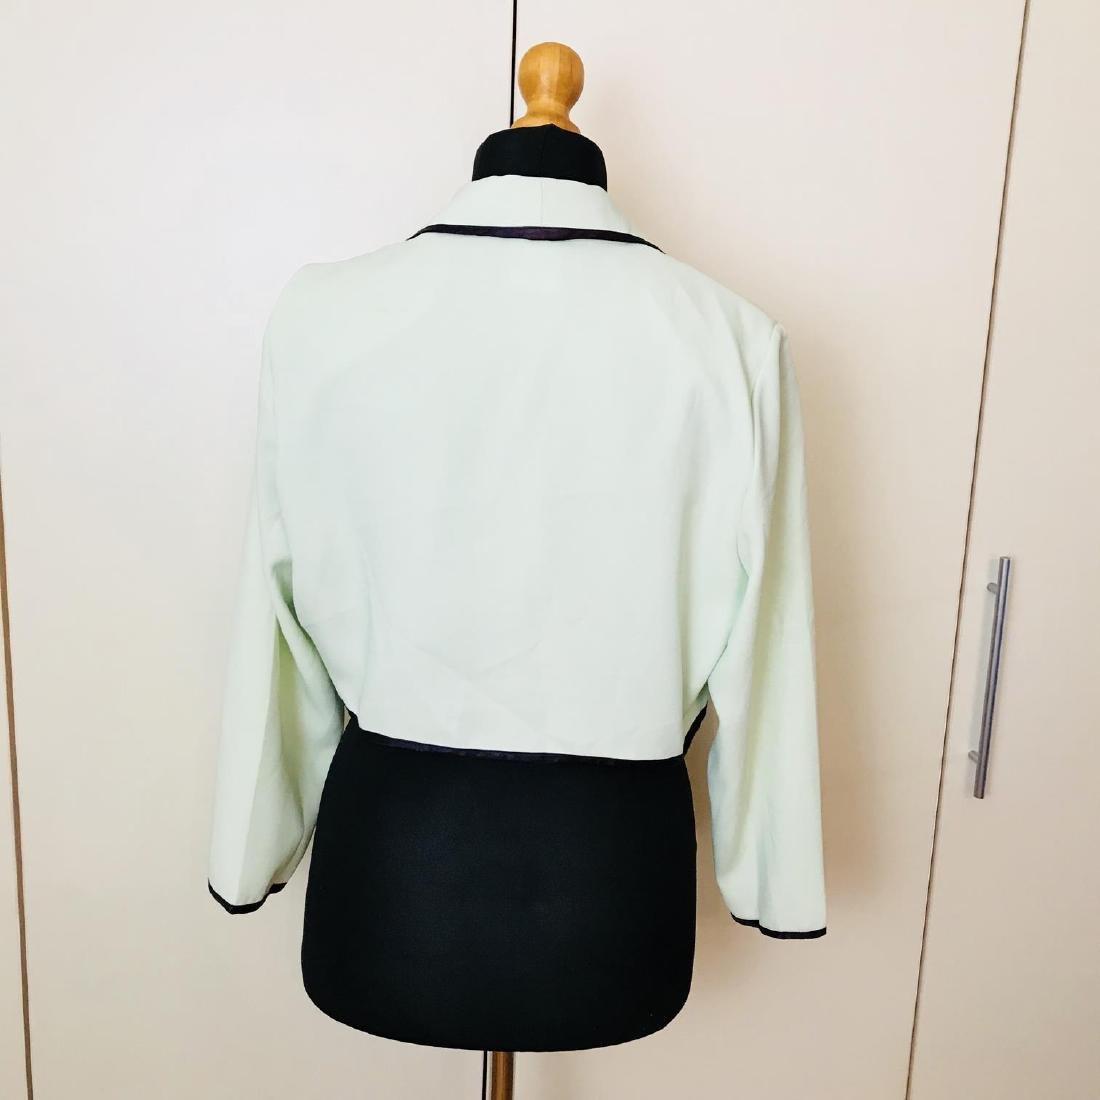 Vintage Women's Eurofashion Jacket Blazer Size US 12 - 5